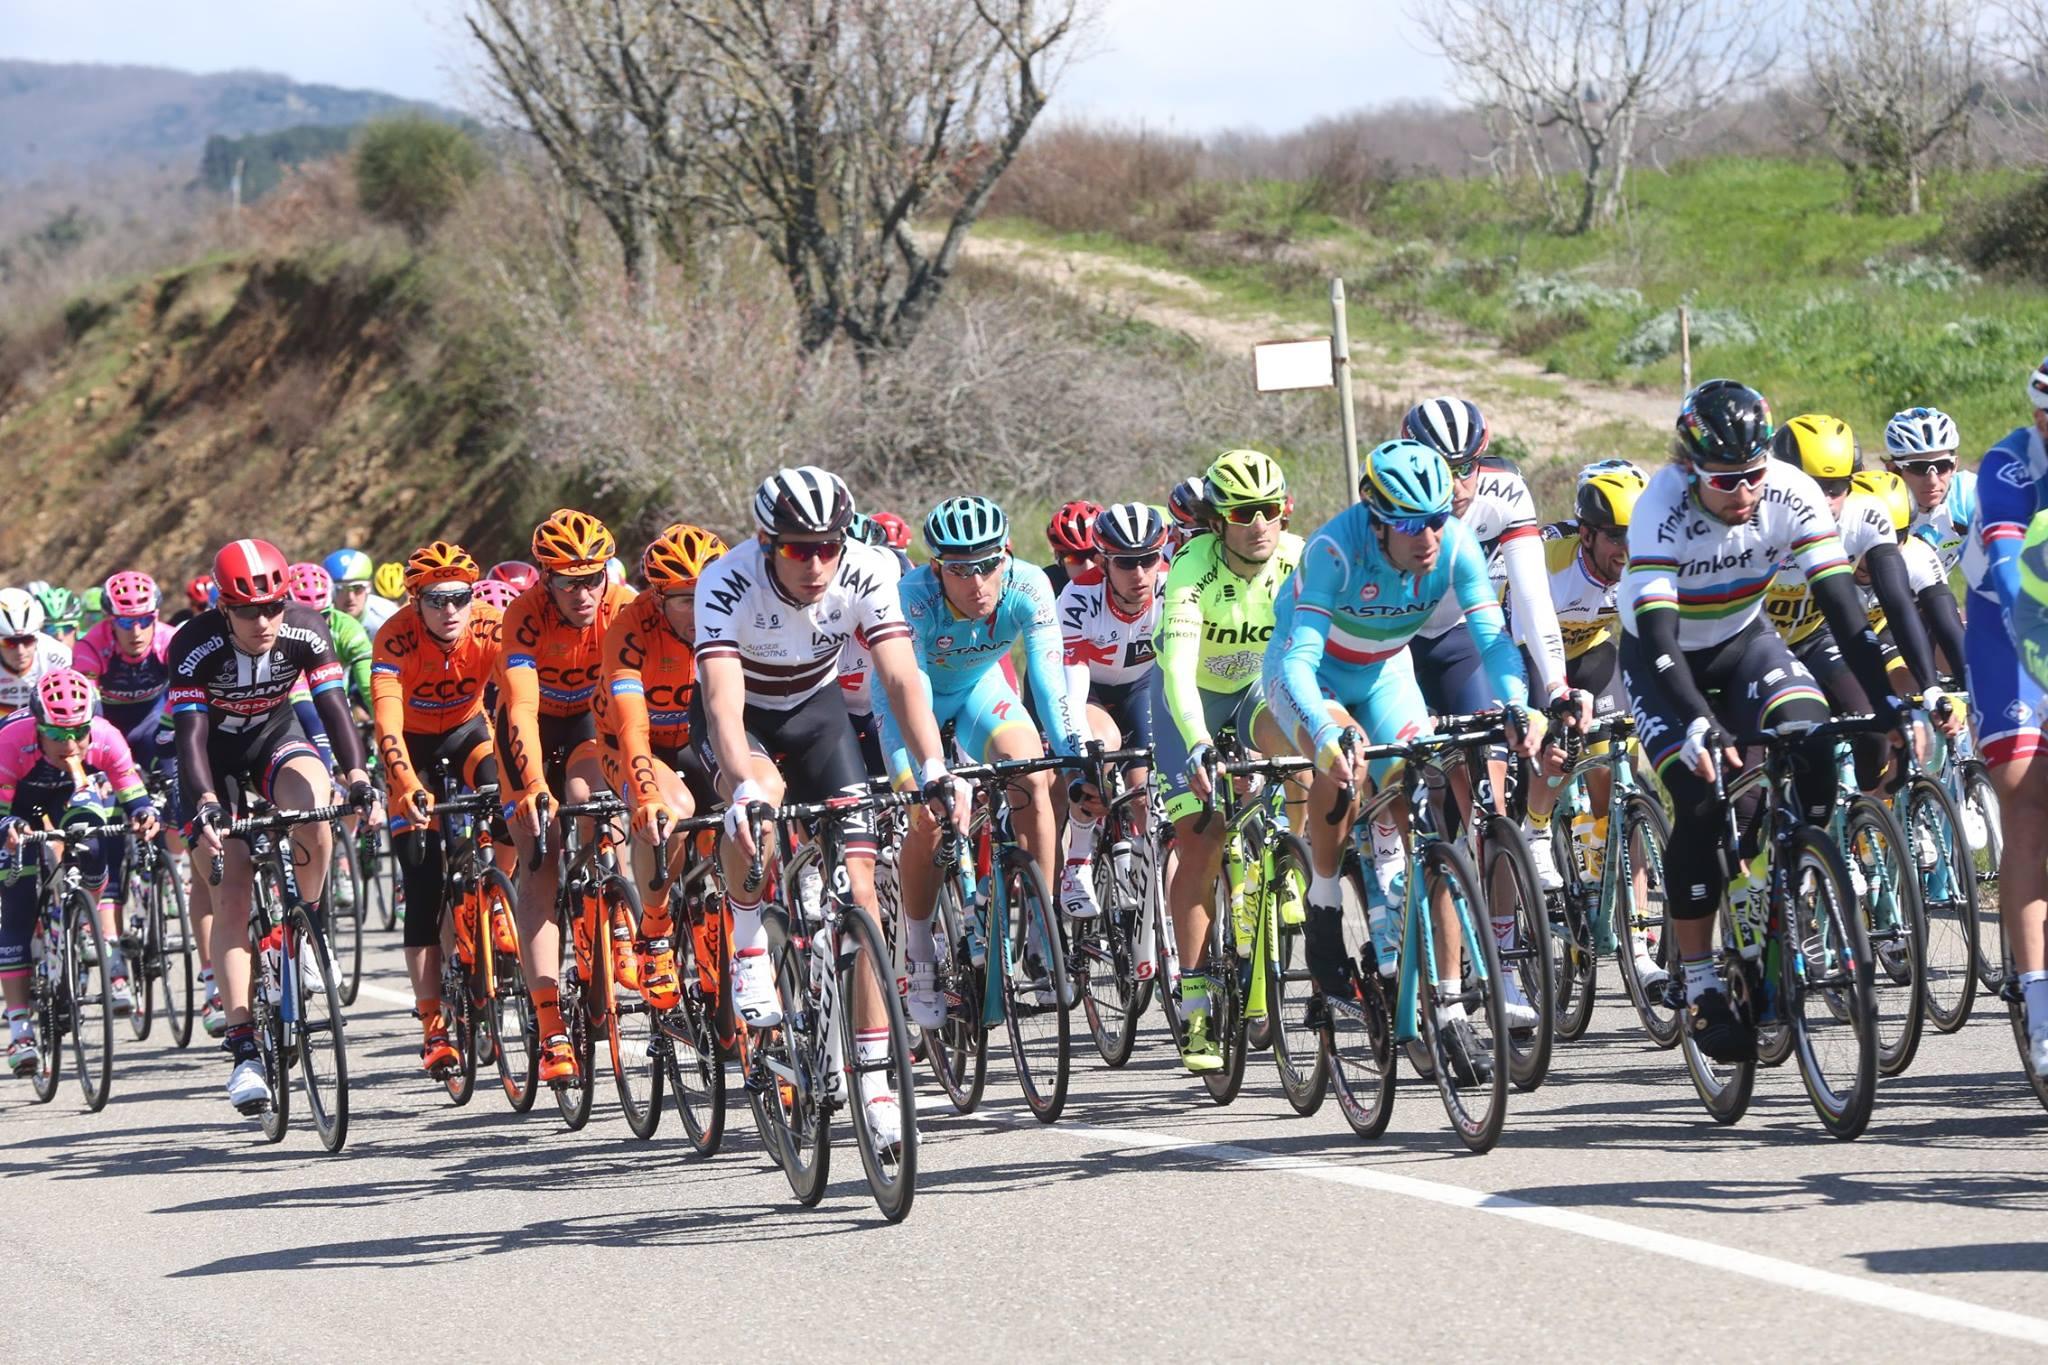 Domenica con la Tirreno-Adriatico sul Monte San Vicino